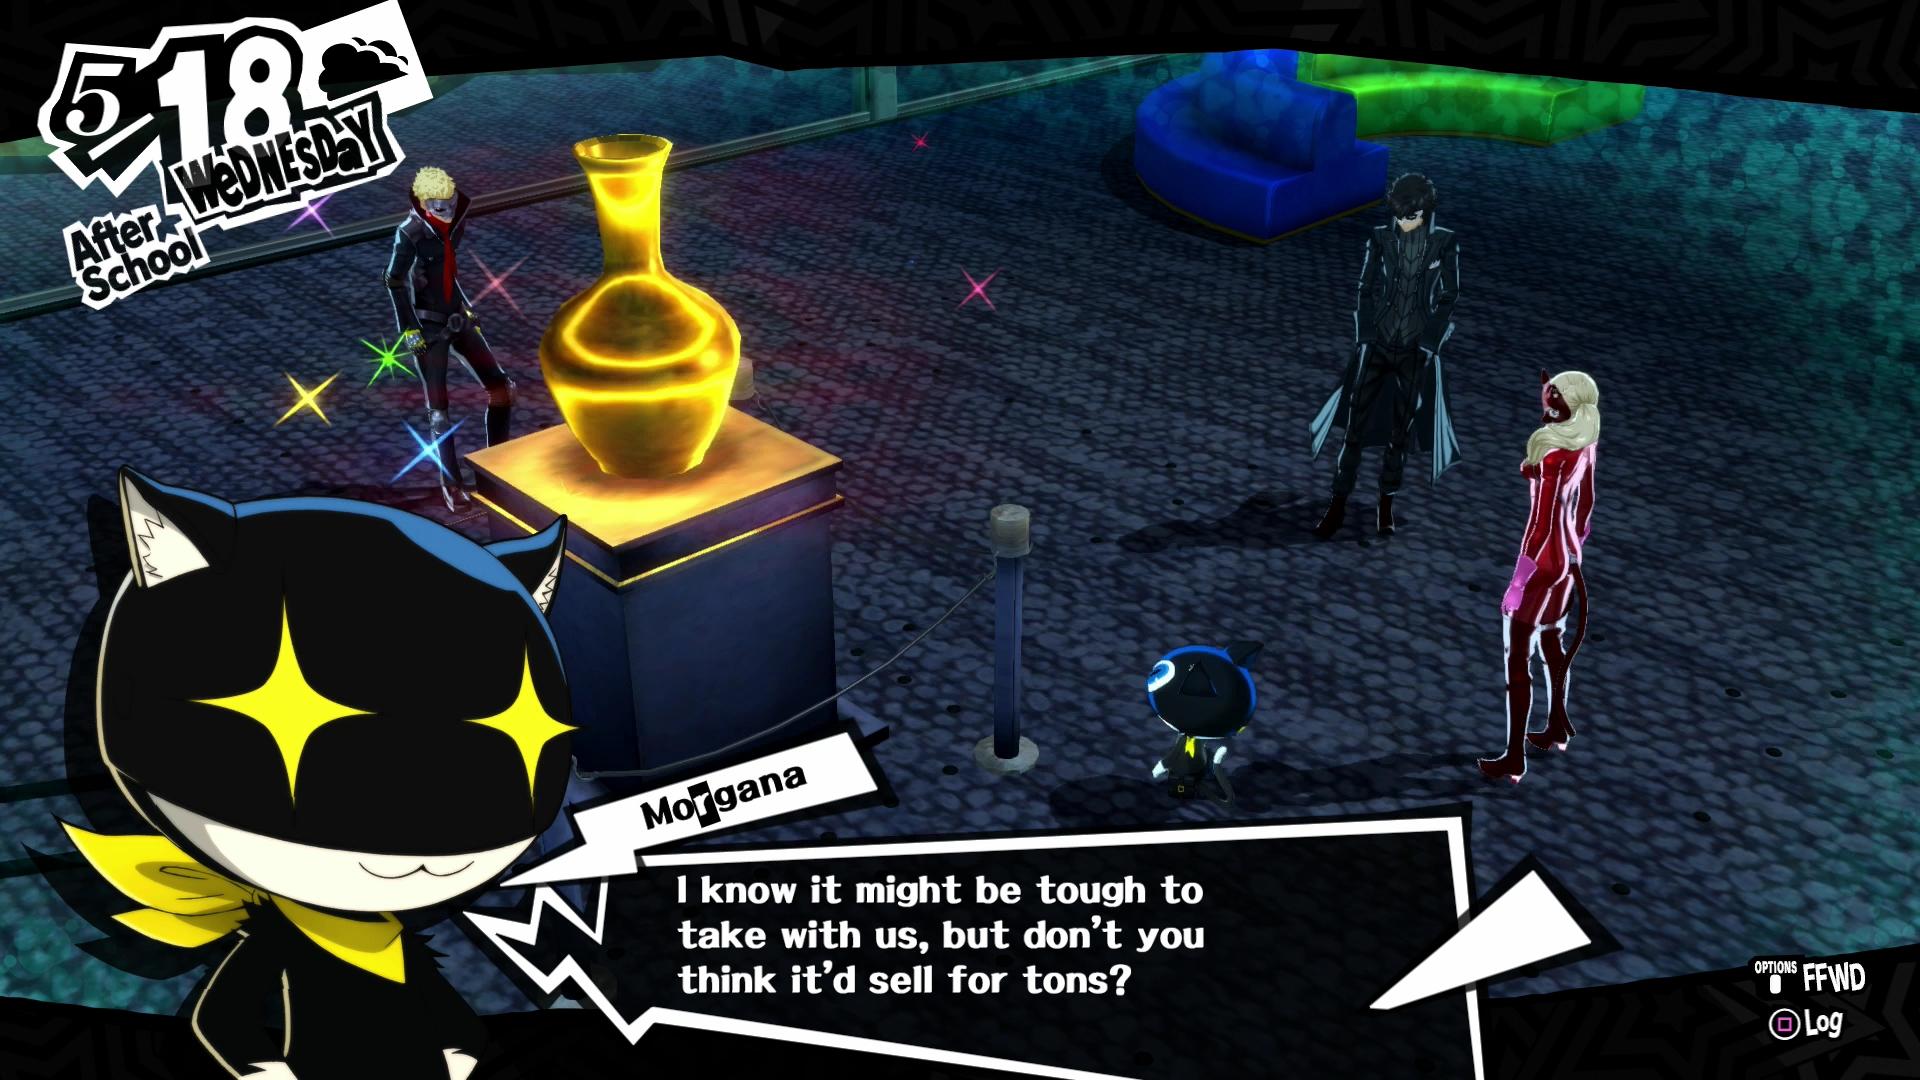 Mais uma vez, Persona mostra por que é a vanguarda dos JRPGs